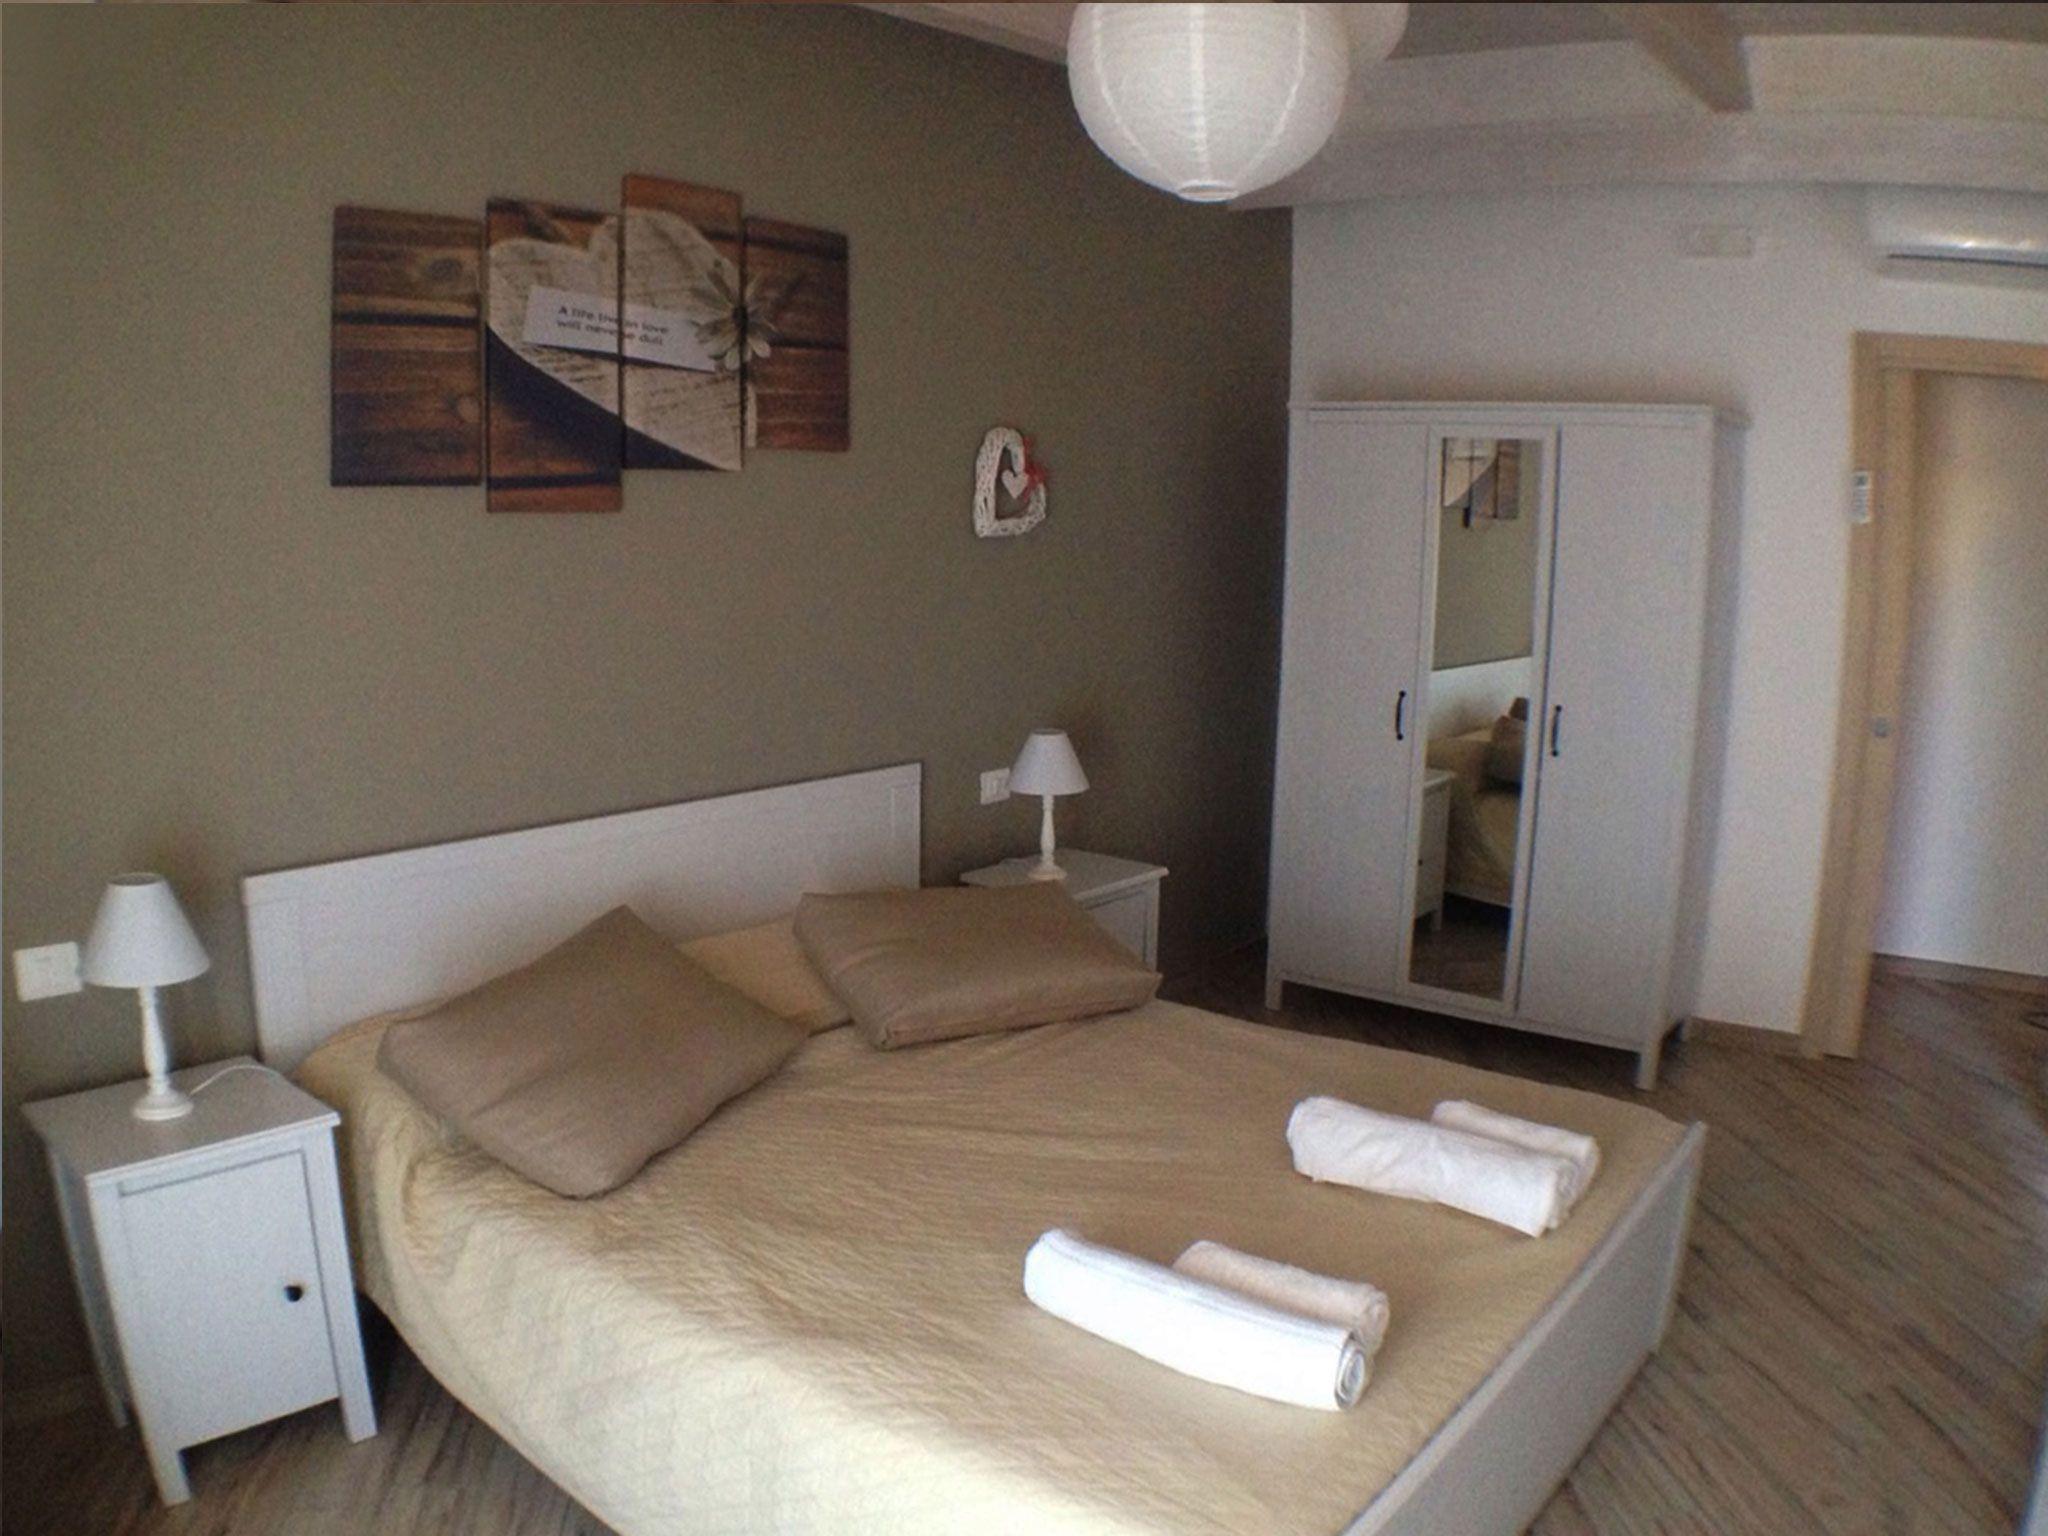 parete color sabbia - Cerca con Google | Arredo casa | Pinterest ...